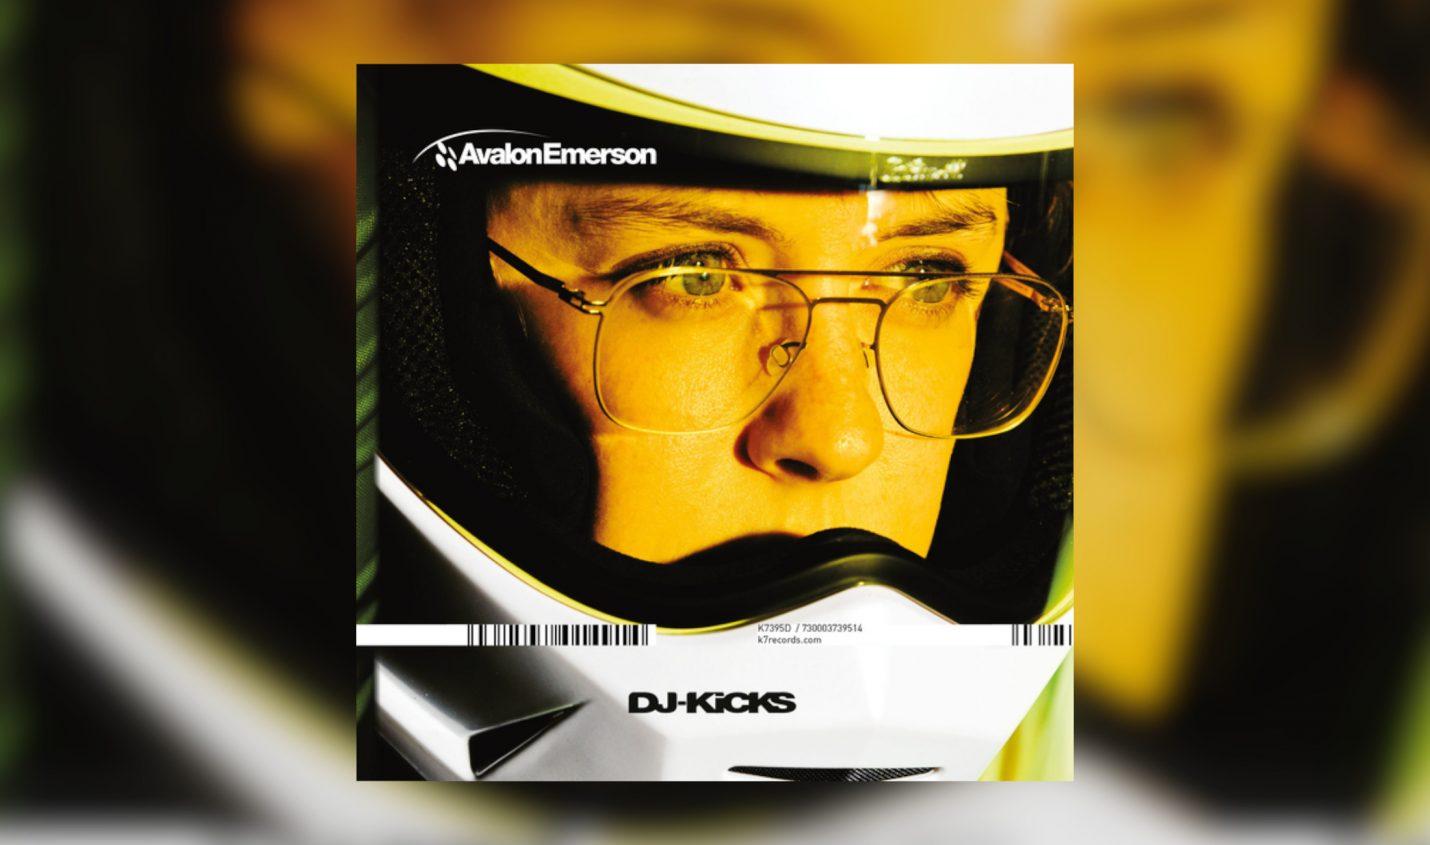 Neue DJ-Kicks von Avalon Emerson erscheint im September